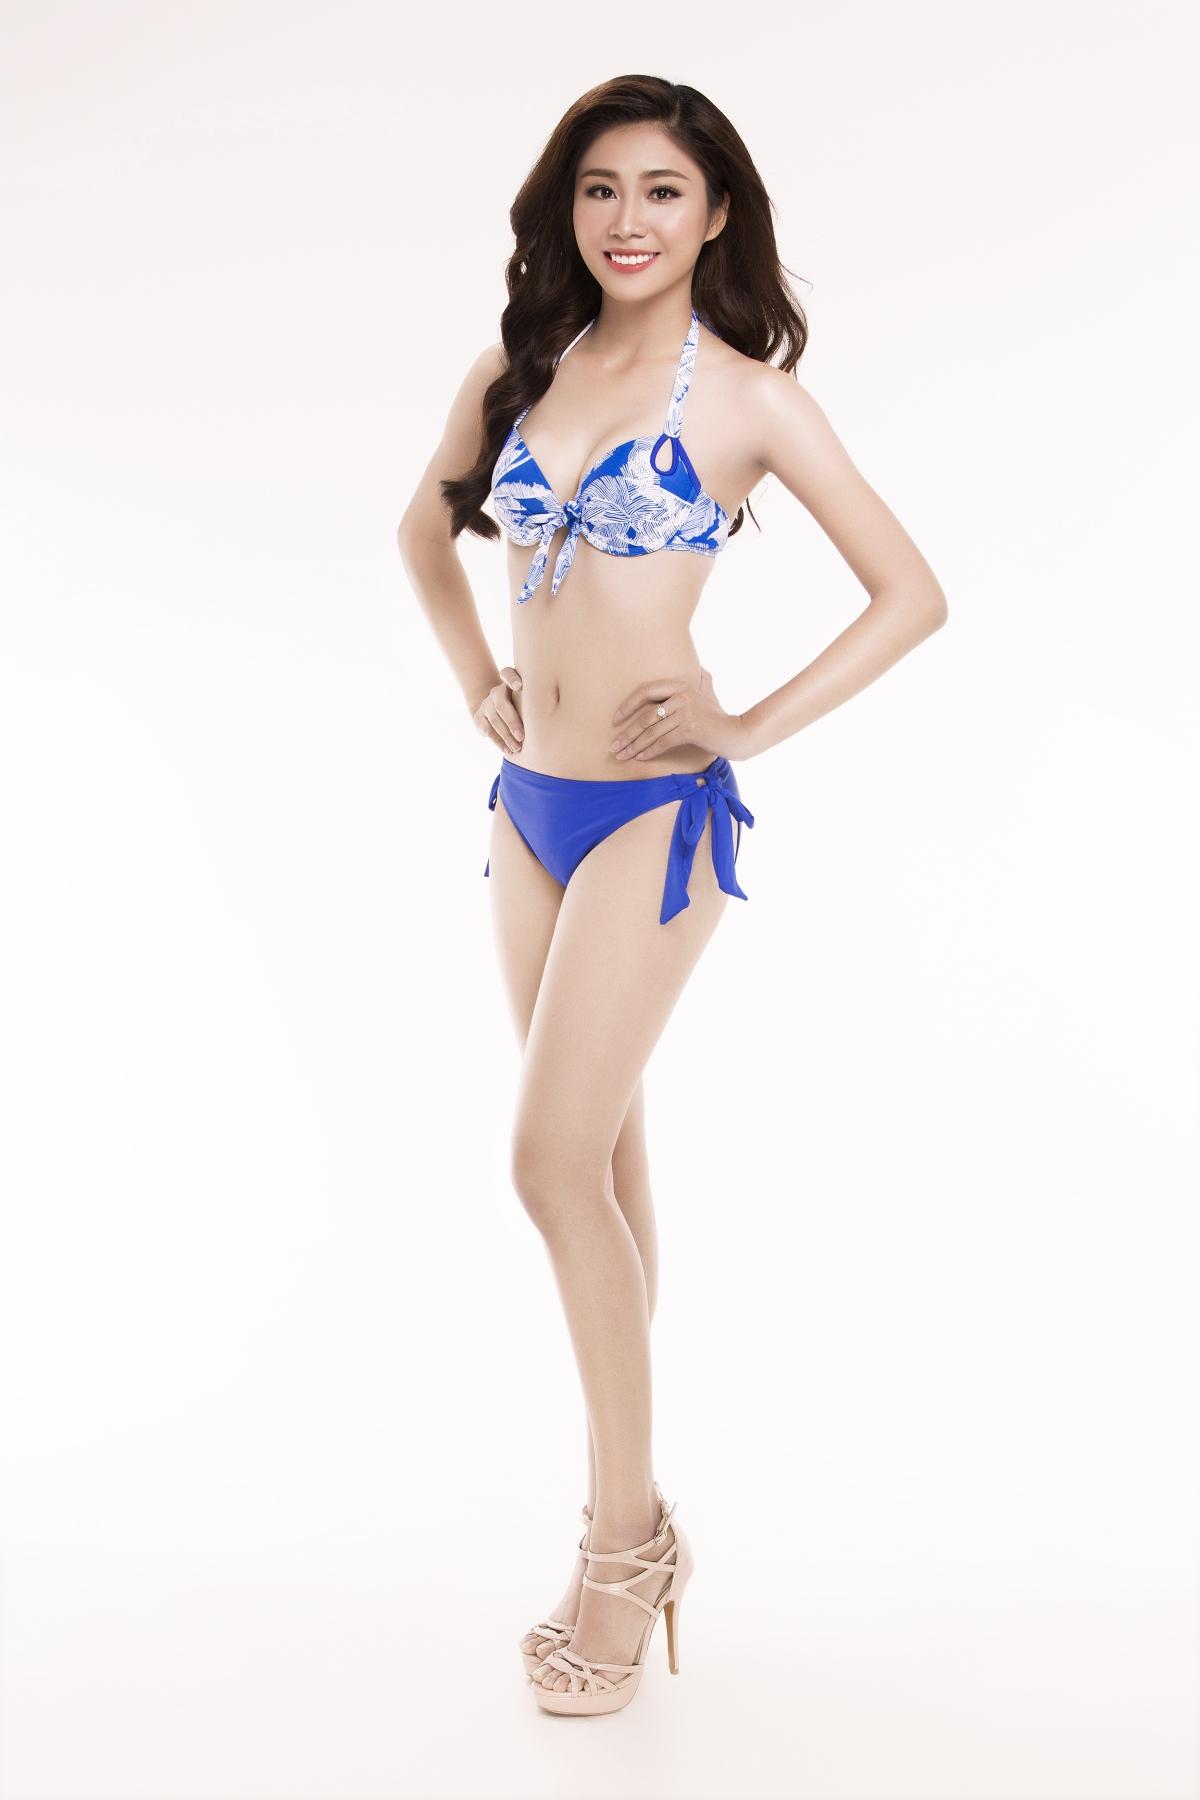 Cô cao 1m68, nặng 49kg và số đo 3 vòng là:83/63/88.